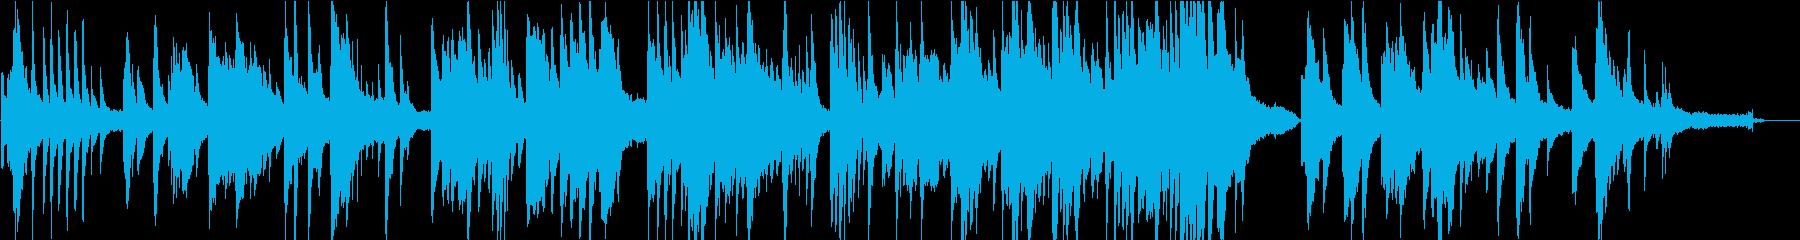 移り変わっていくものを表したピアノソロの再生済みの波形